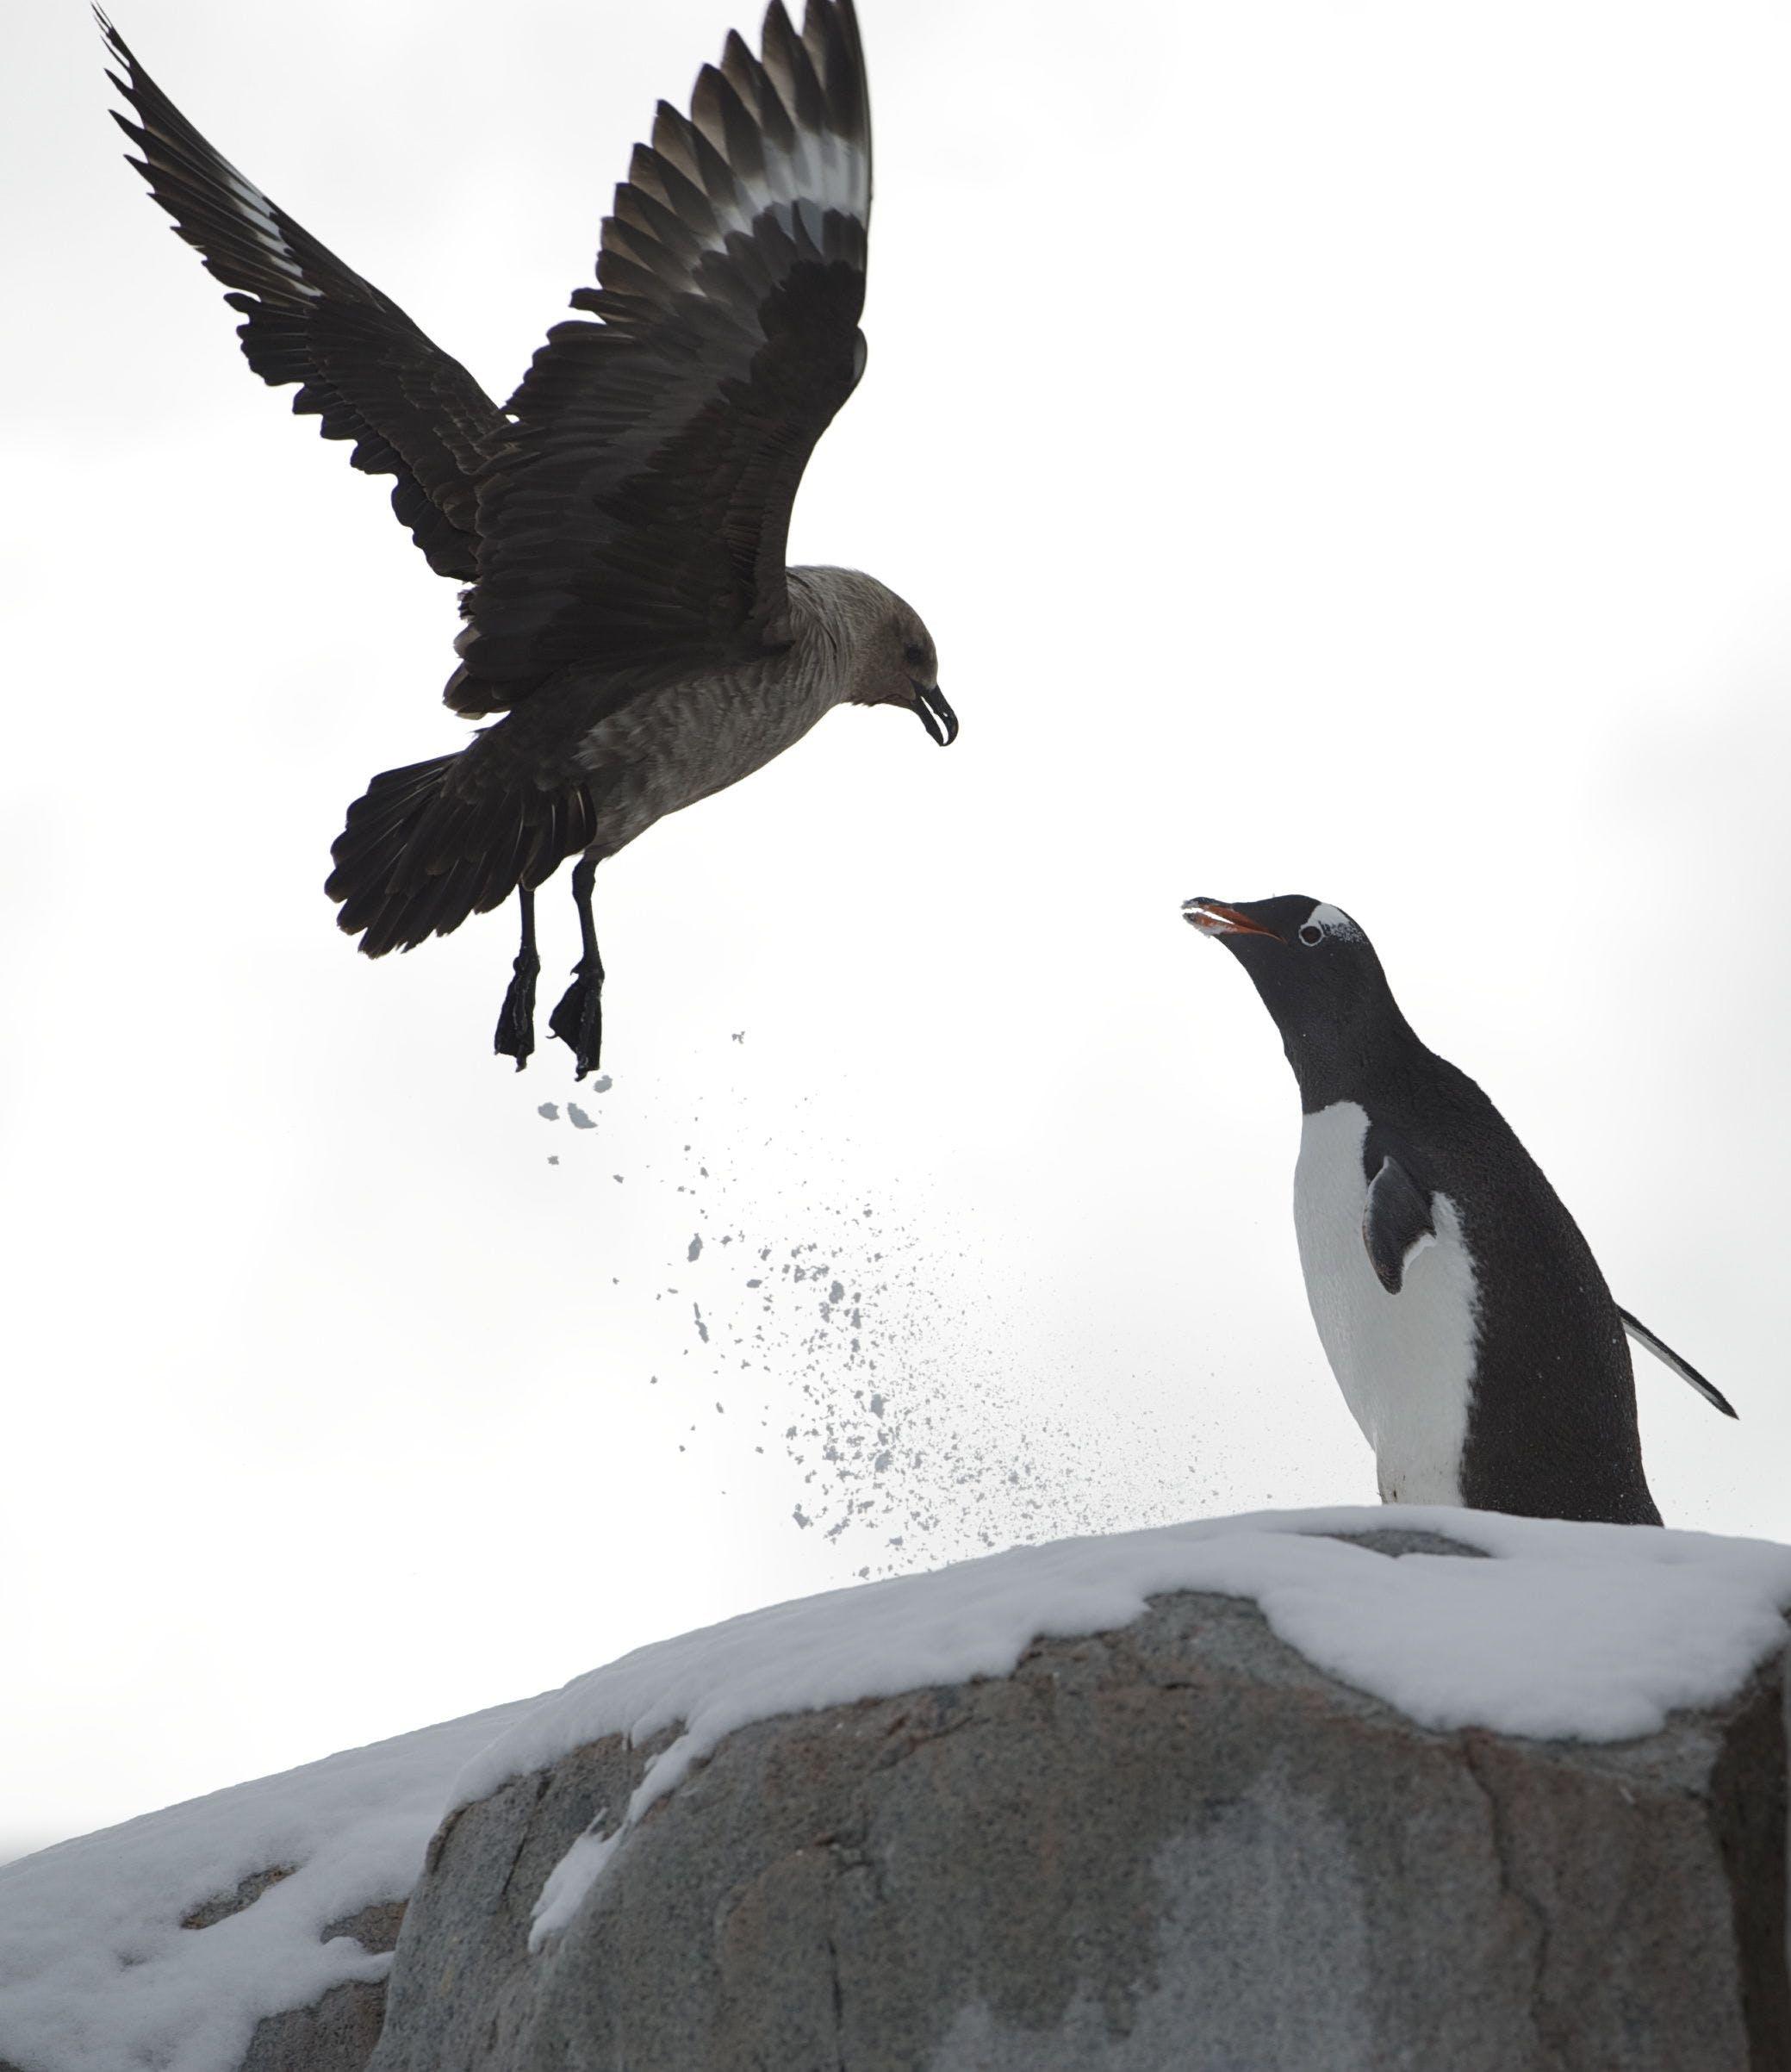 Penguin Near Black Bird